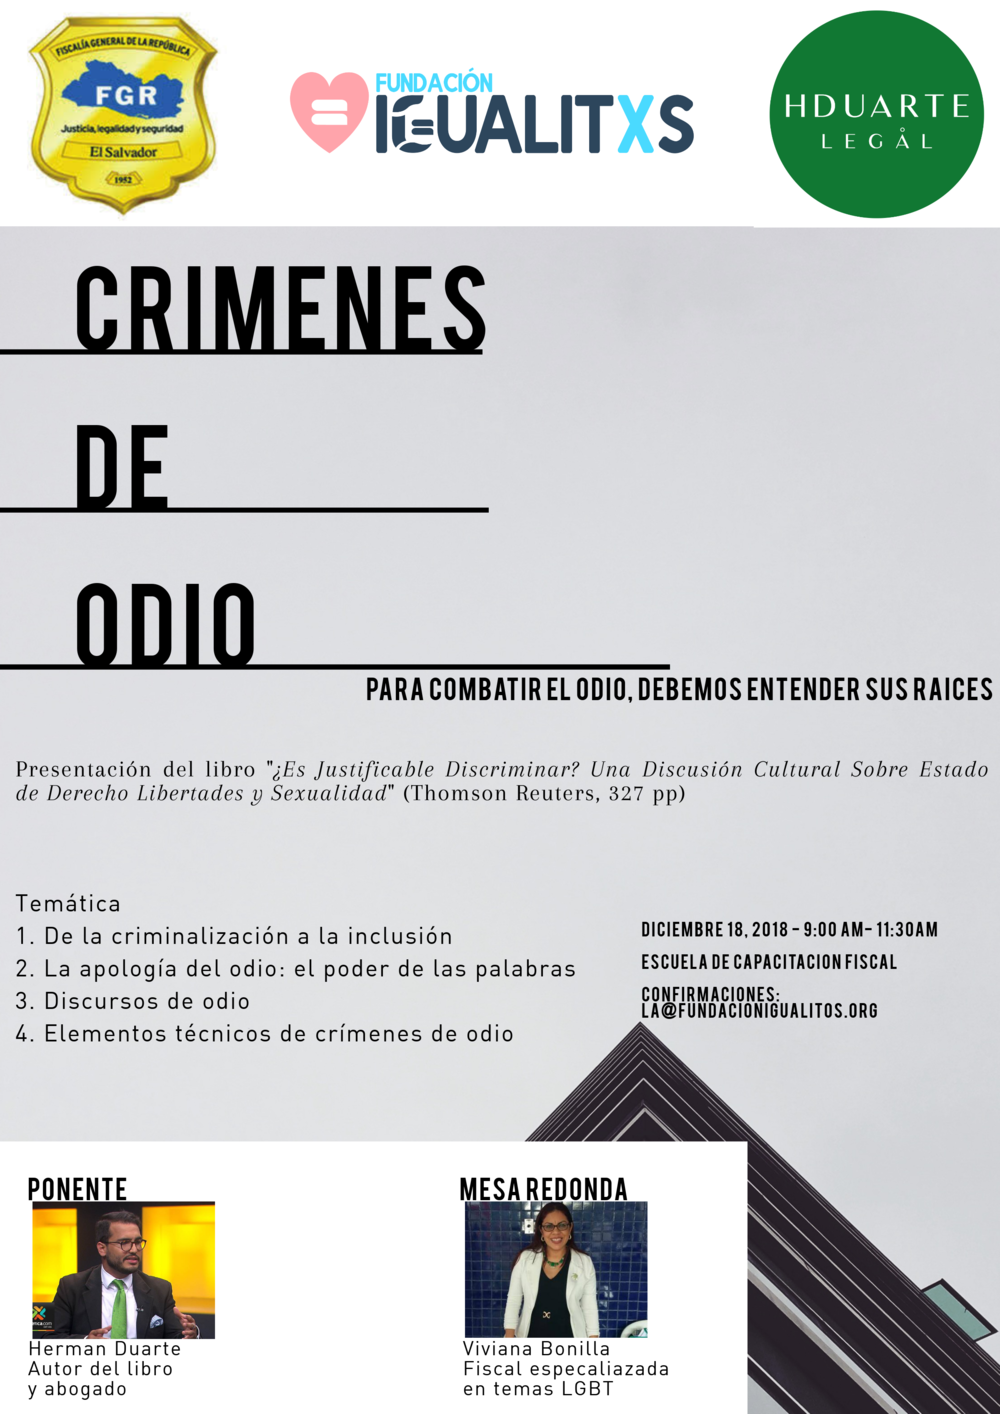 crimenes-de-odio-FGR-El-Salvador-Herman-Duarte-Viviana-Bonilla